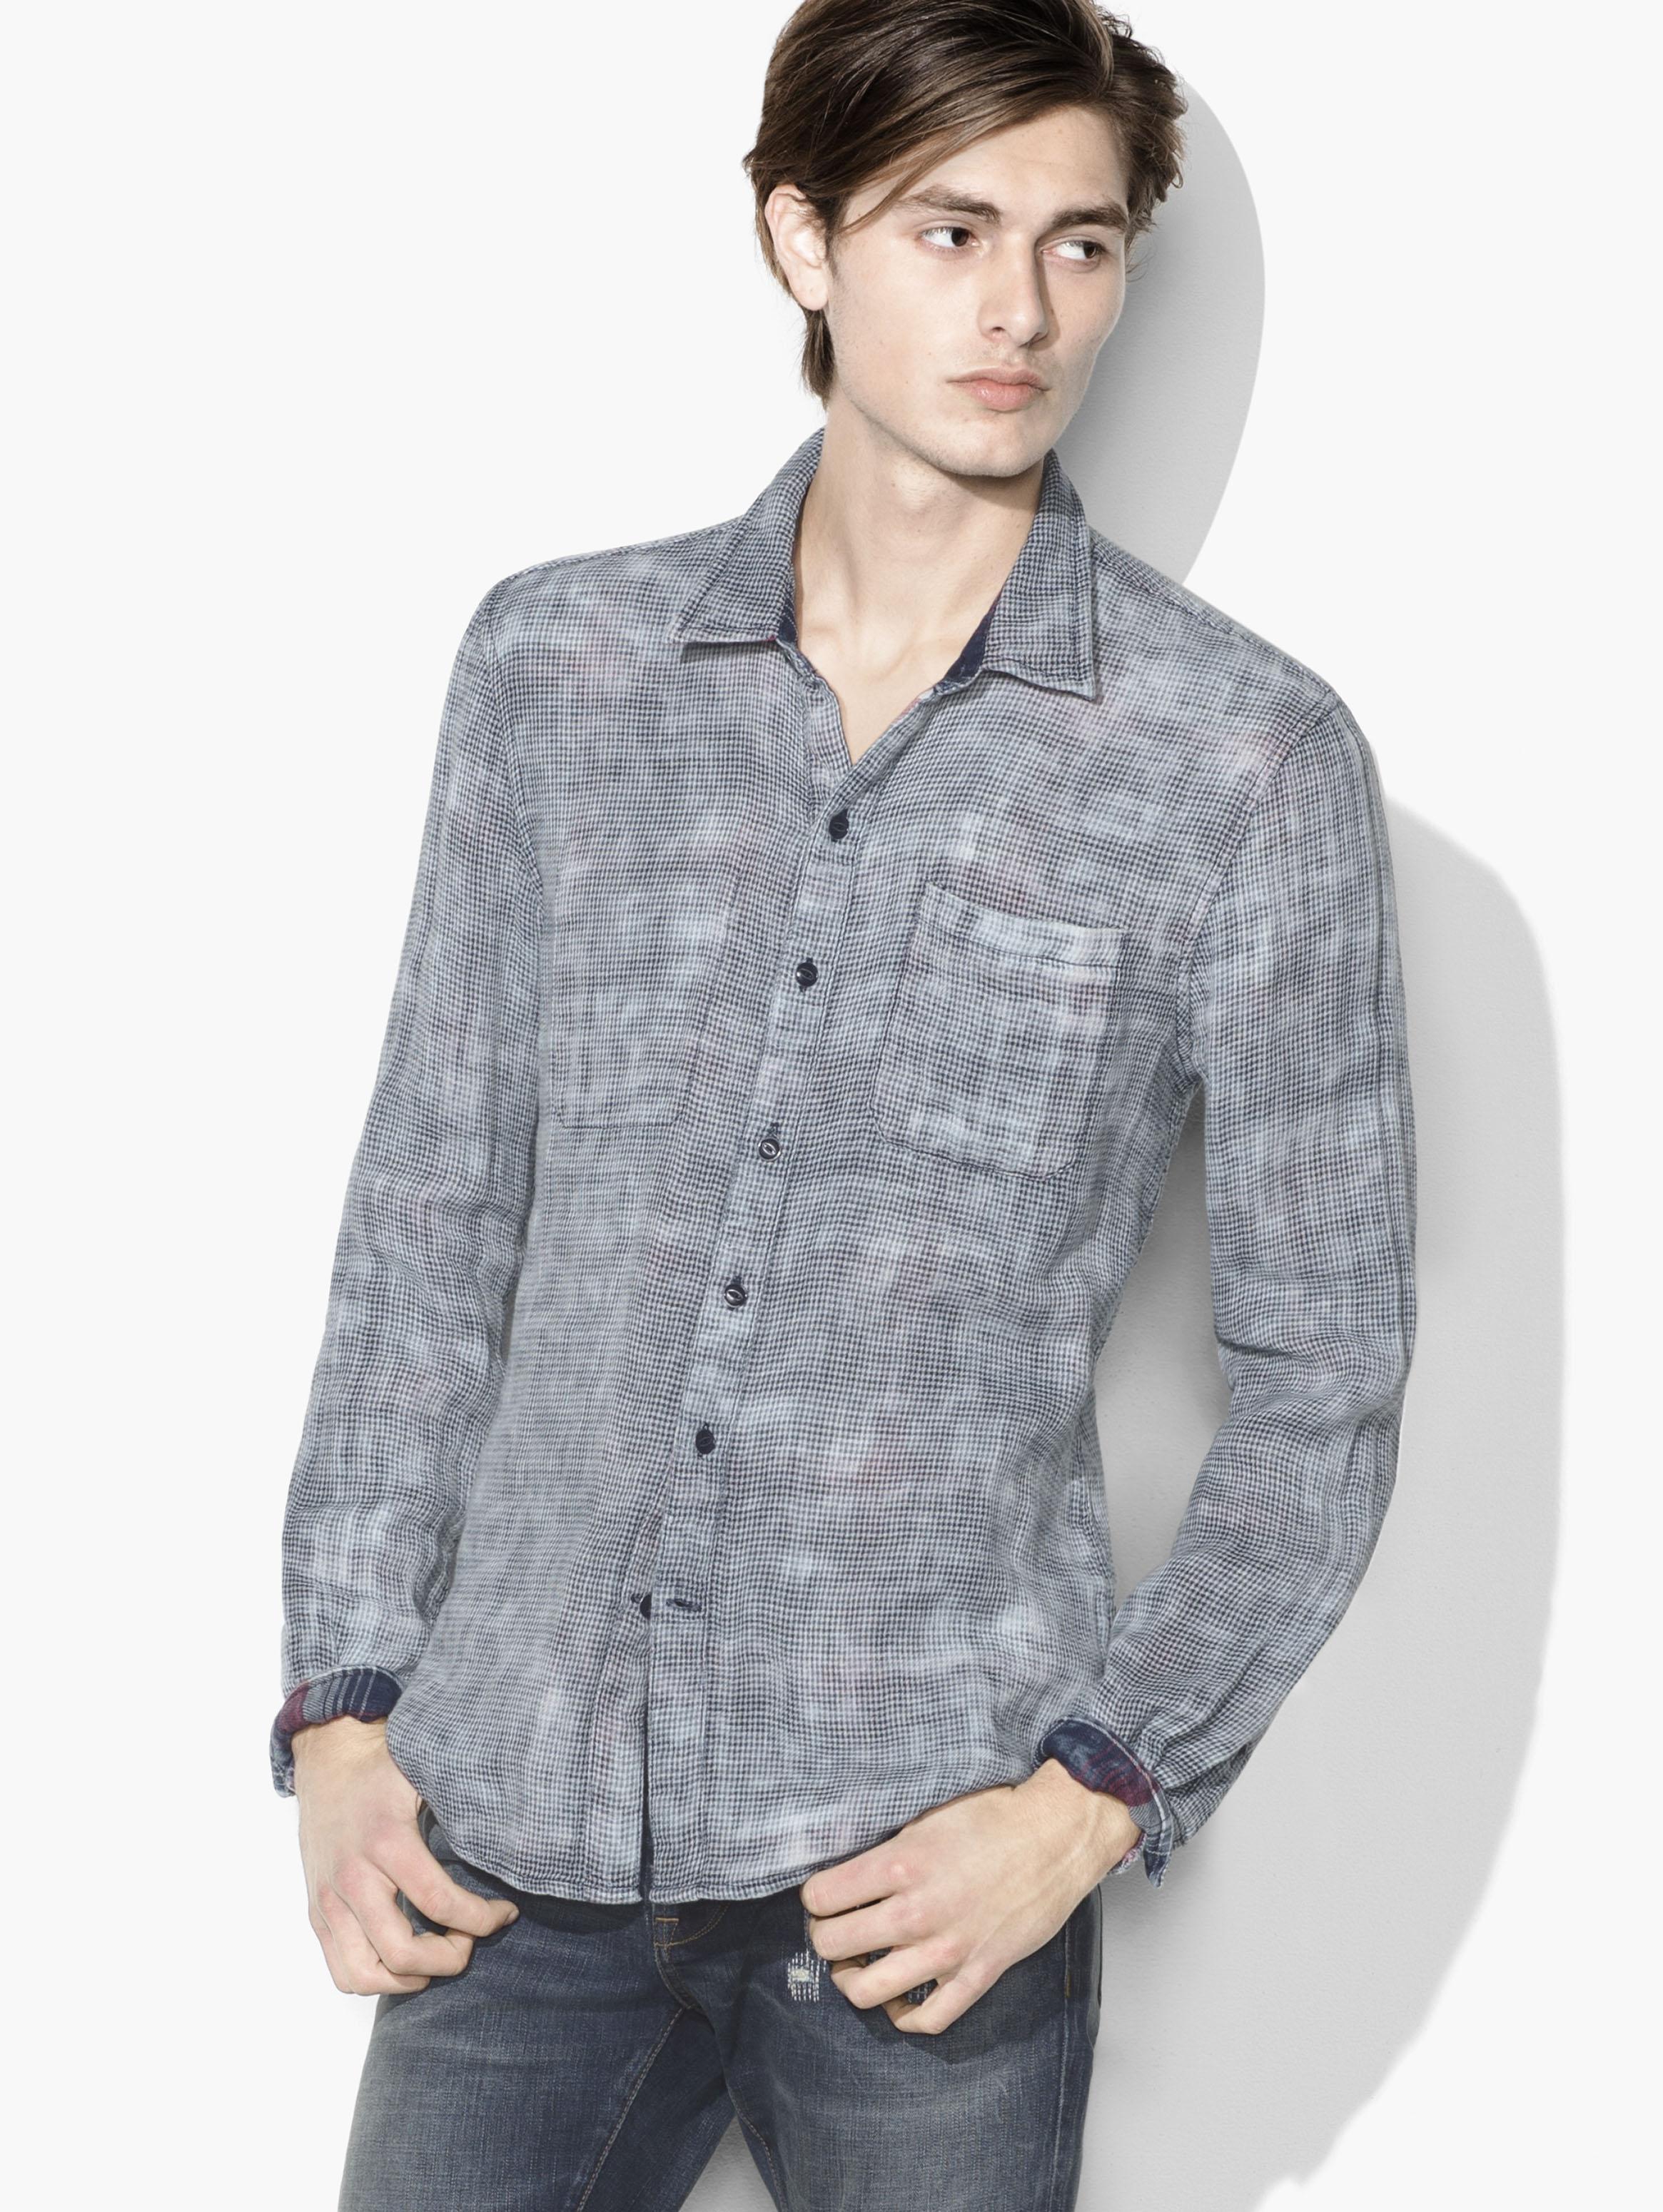 John Varvatos Cotton Reversible Plaid Shirt in Indigo (Blue) for Men